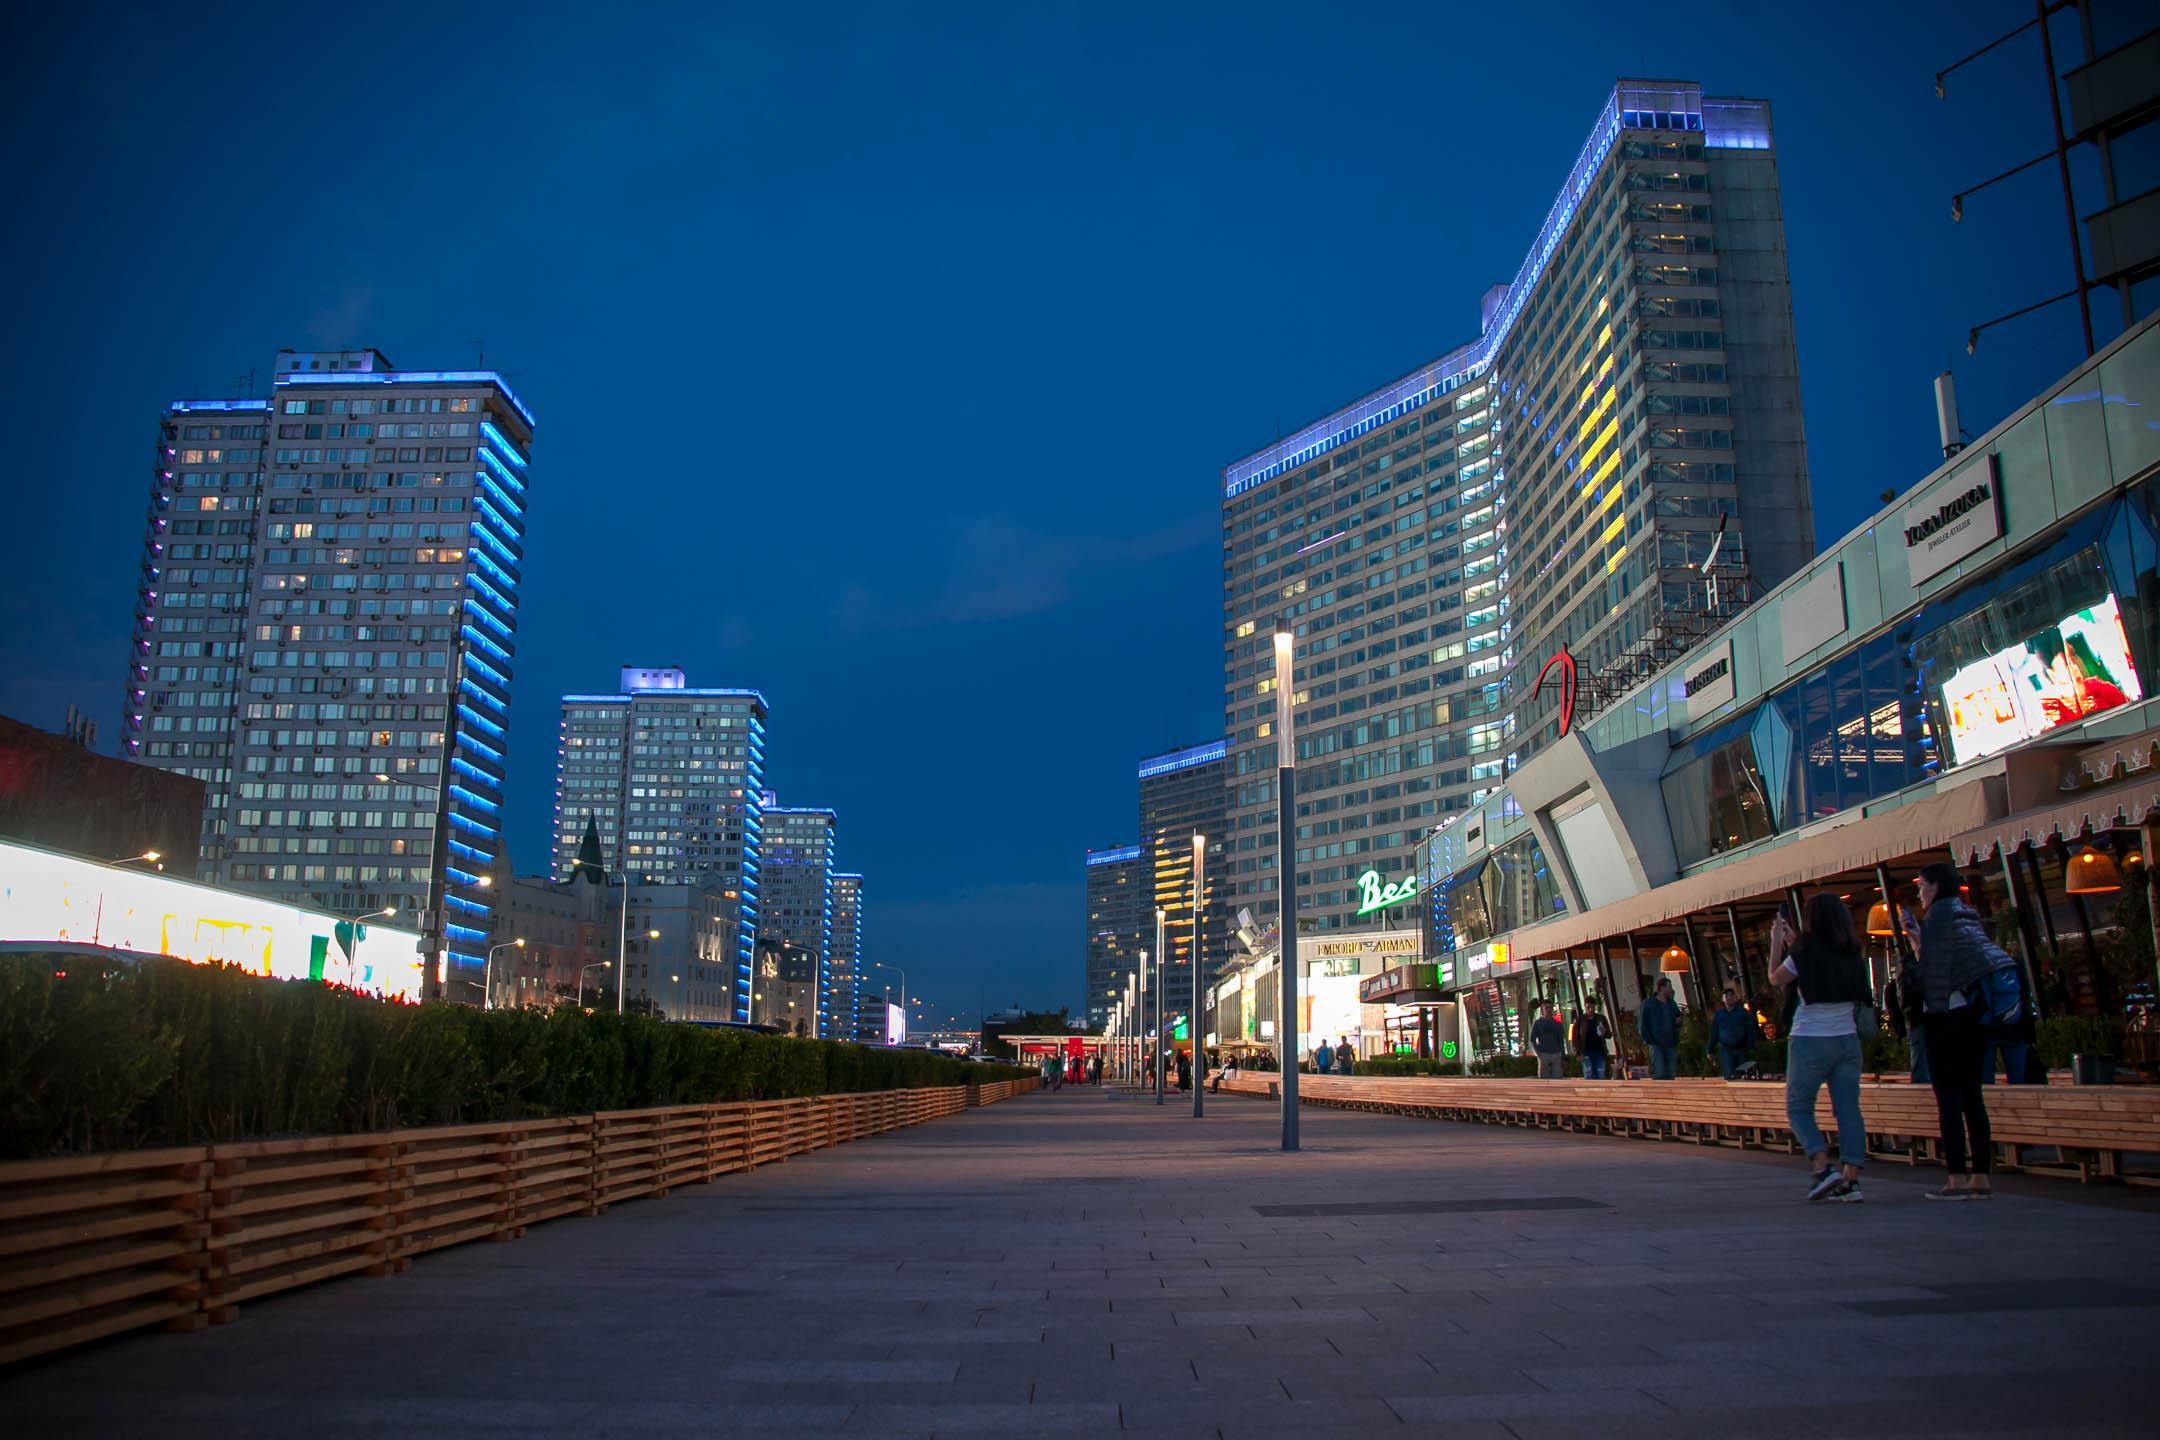 Новый Арбат - пешеходная зона в центре Москвы